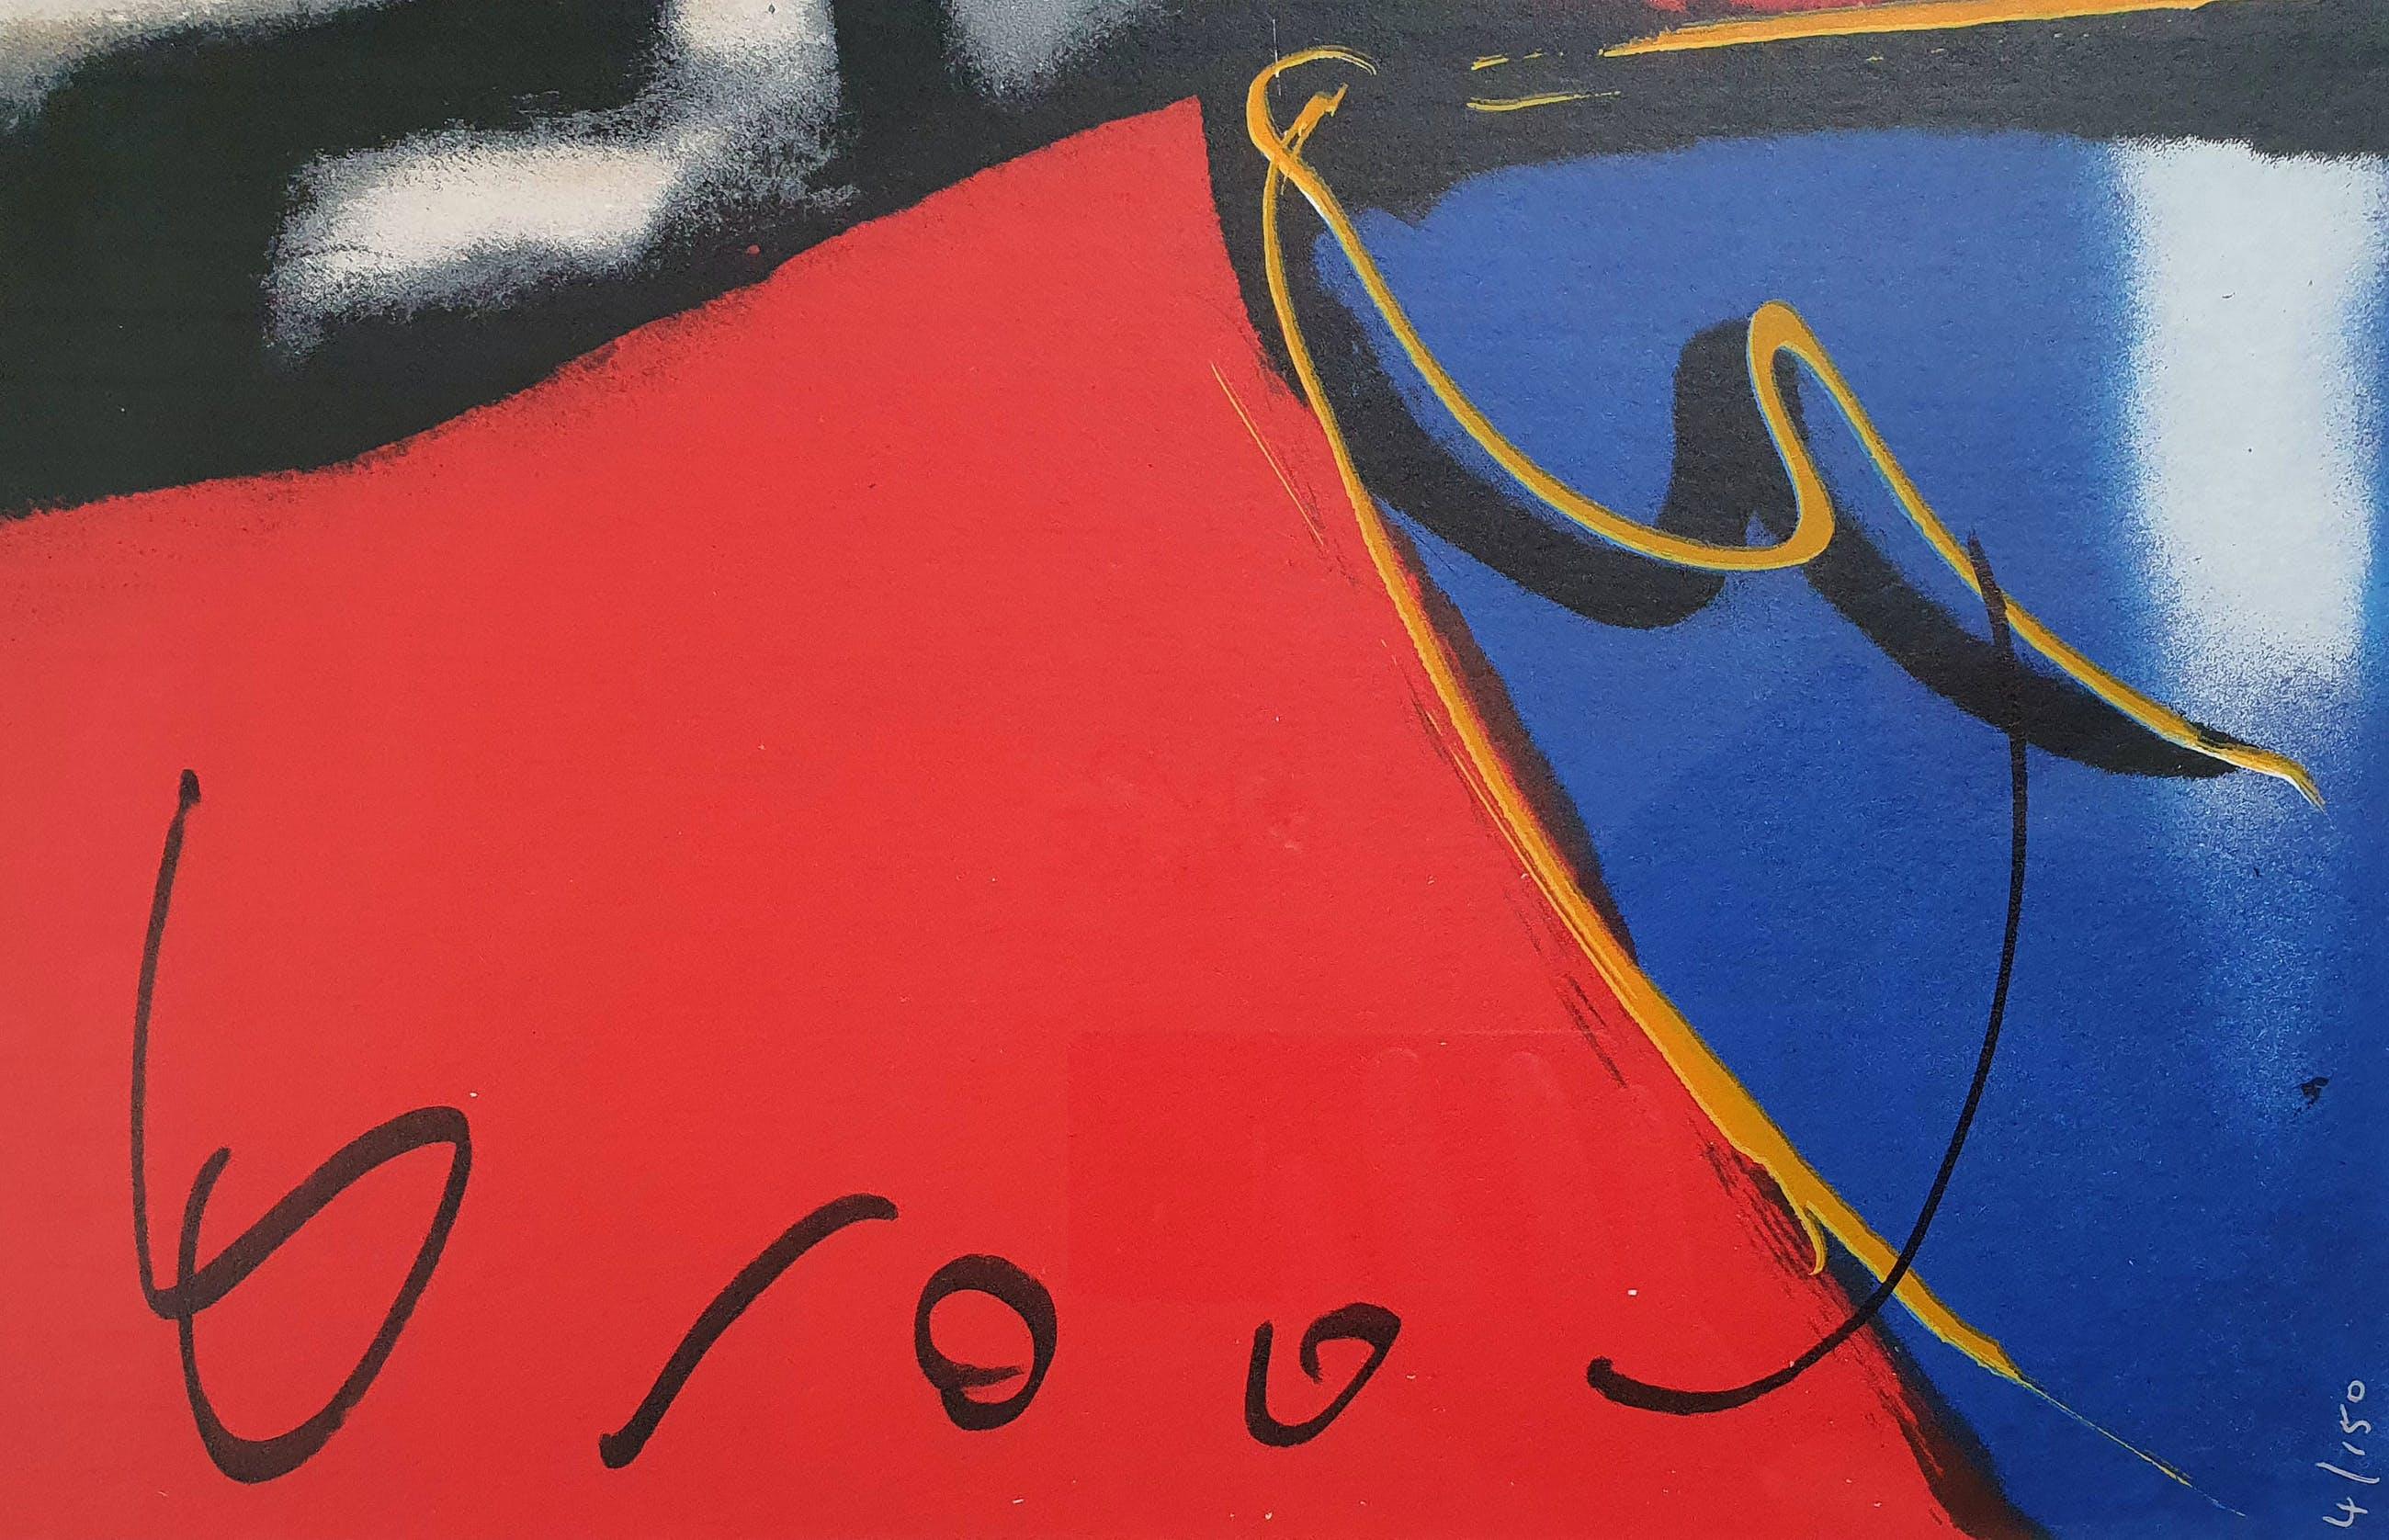 Herman Brood - Little Richard (Nieuw ingelijst) kopen? Bied vanaf 450!